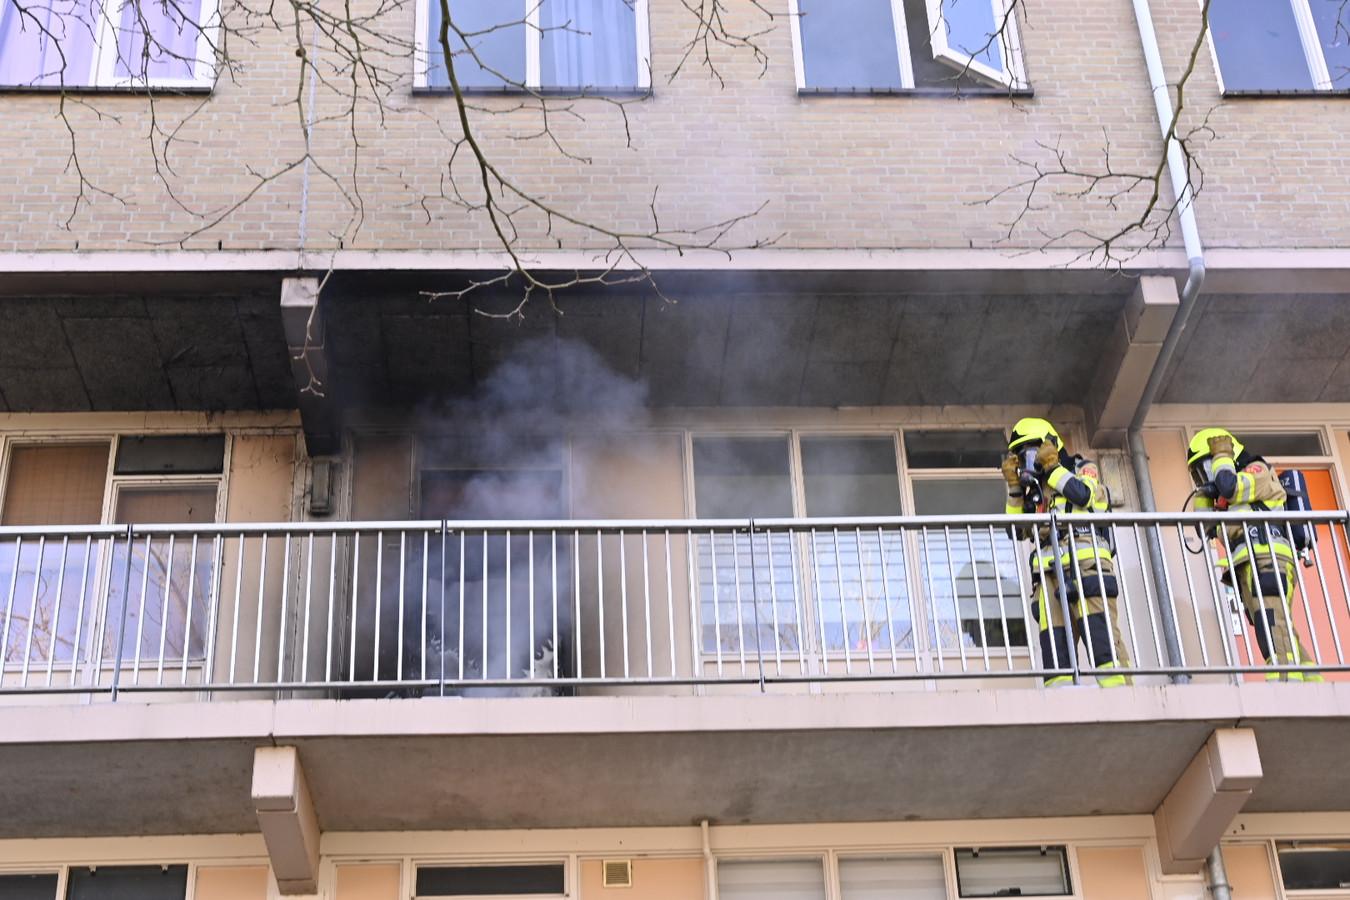 De woning op de tweede verdieping in de Horstacker Nijmegen staat in brand.